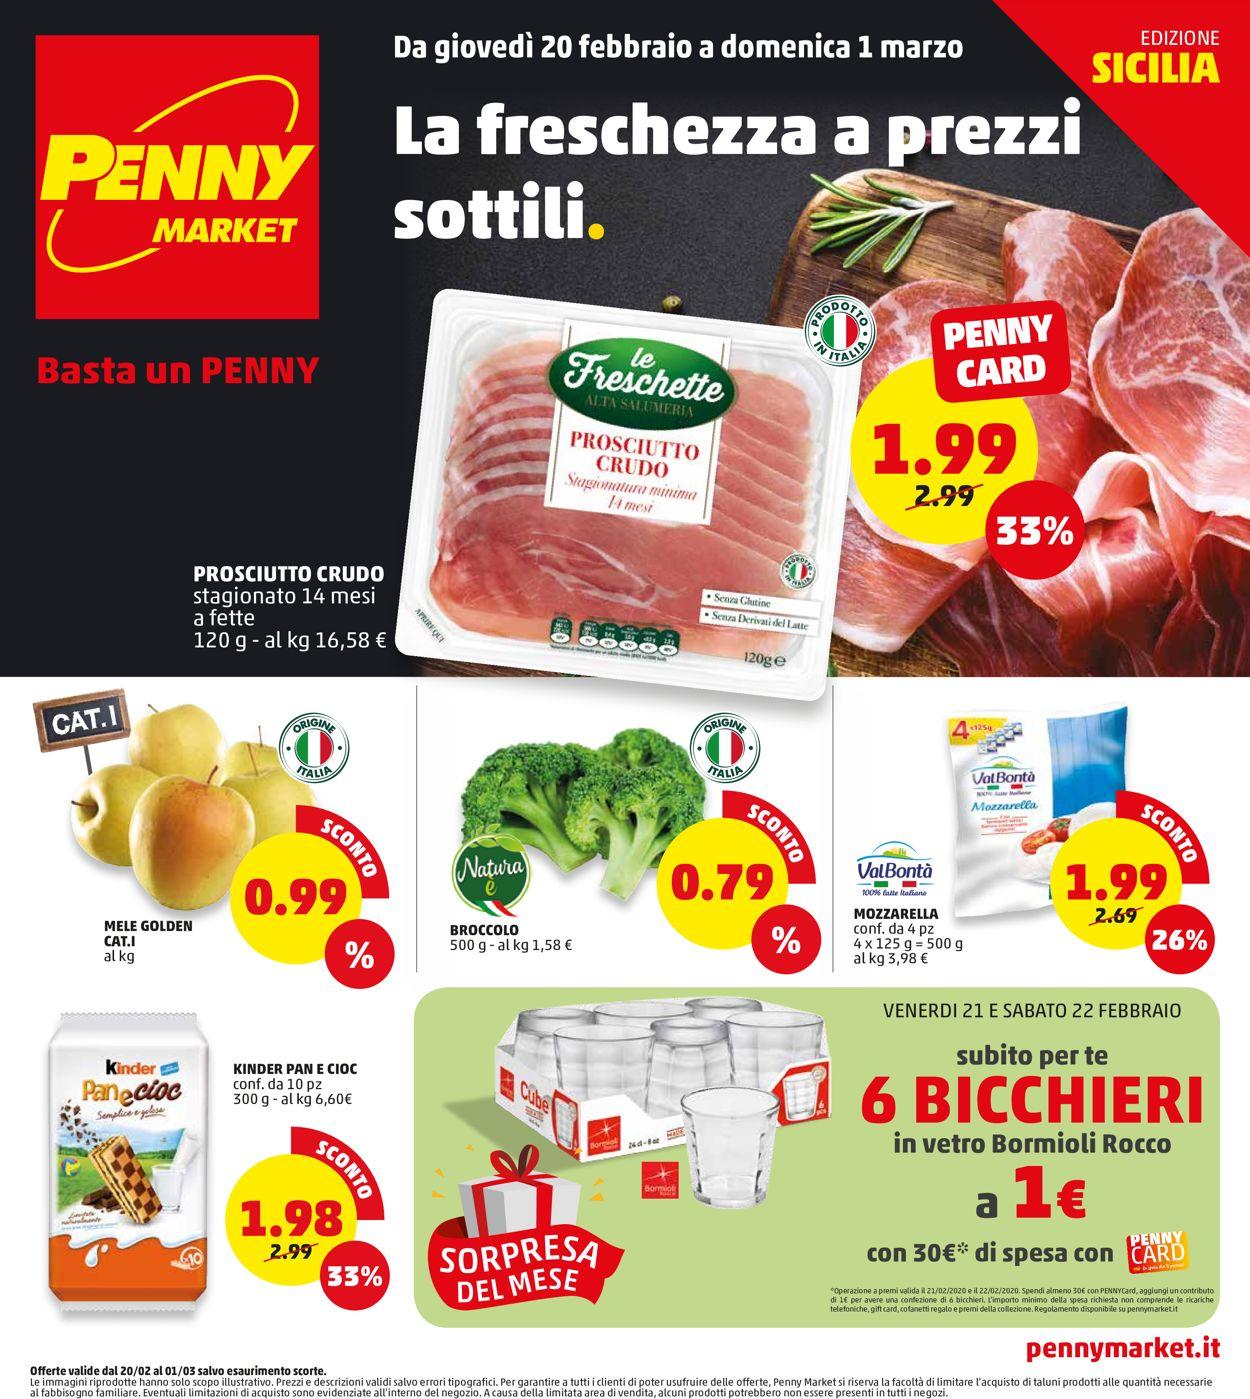 Volantino Penny Market - Offerte 20/02-01/03/2020